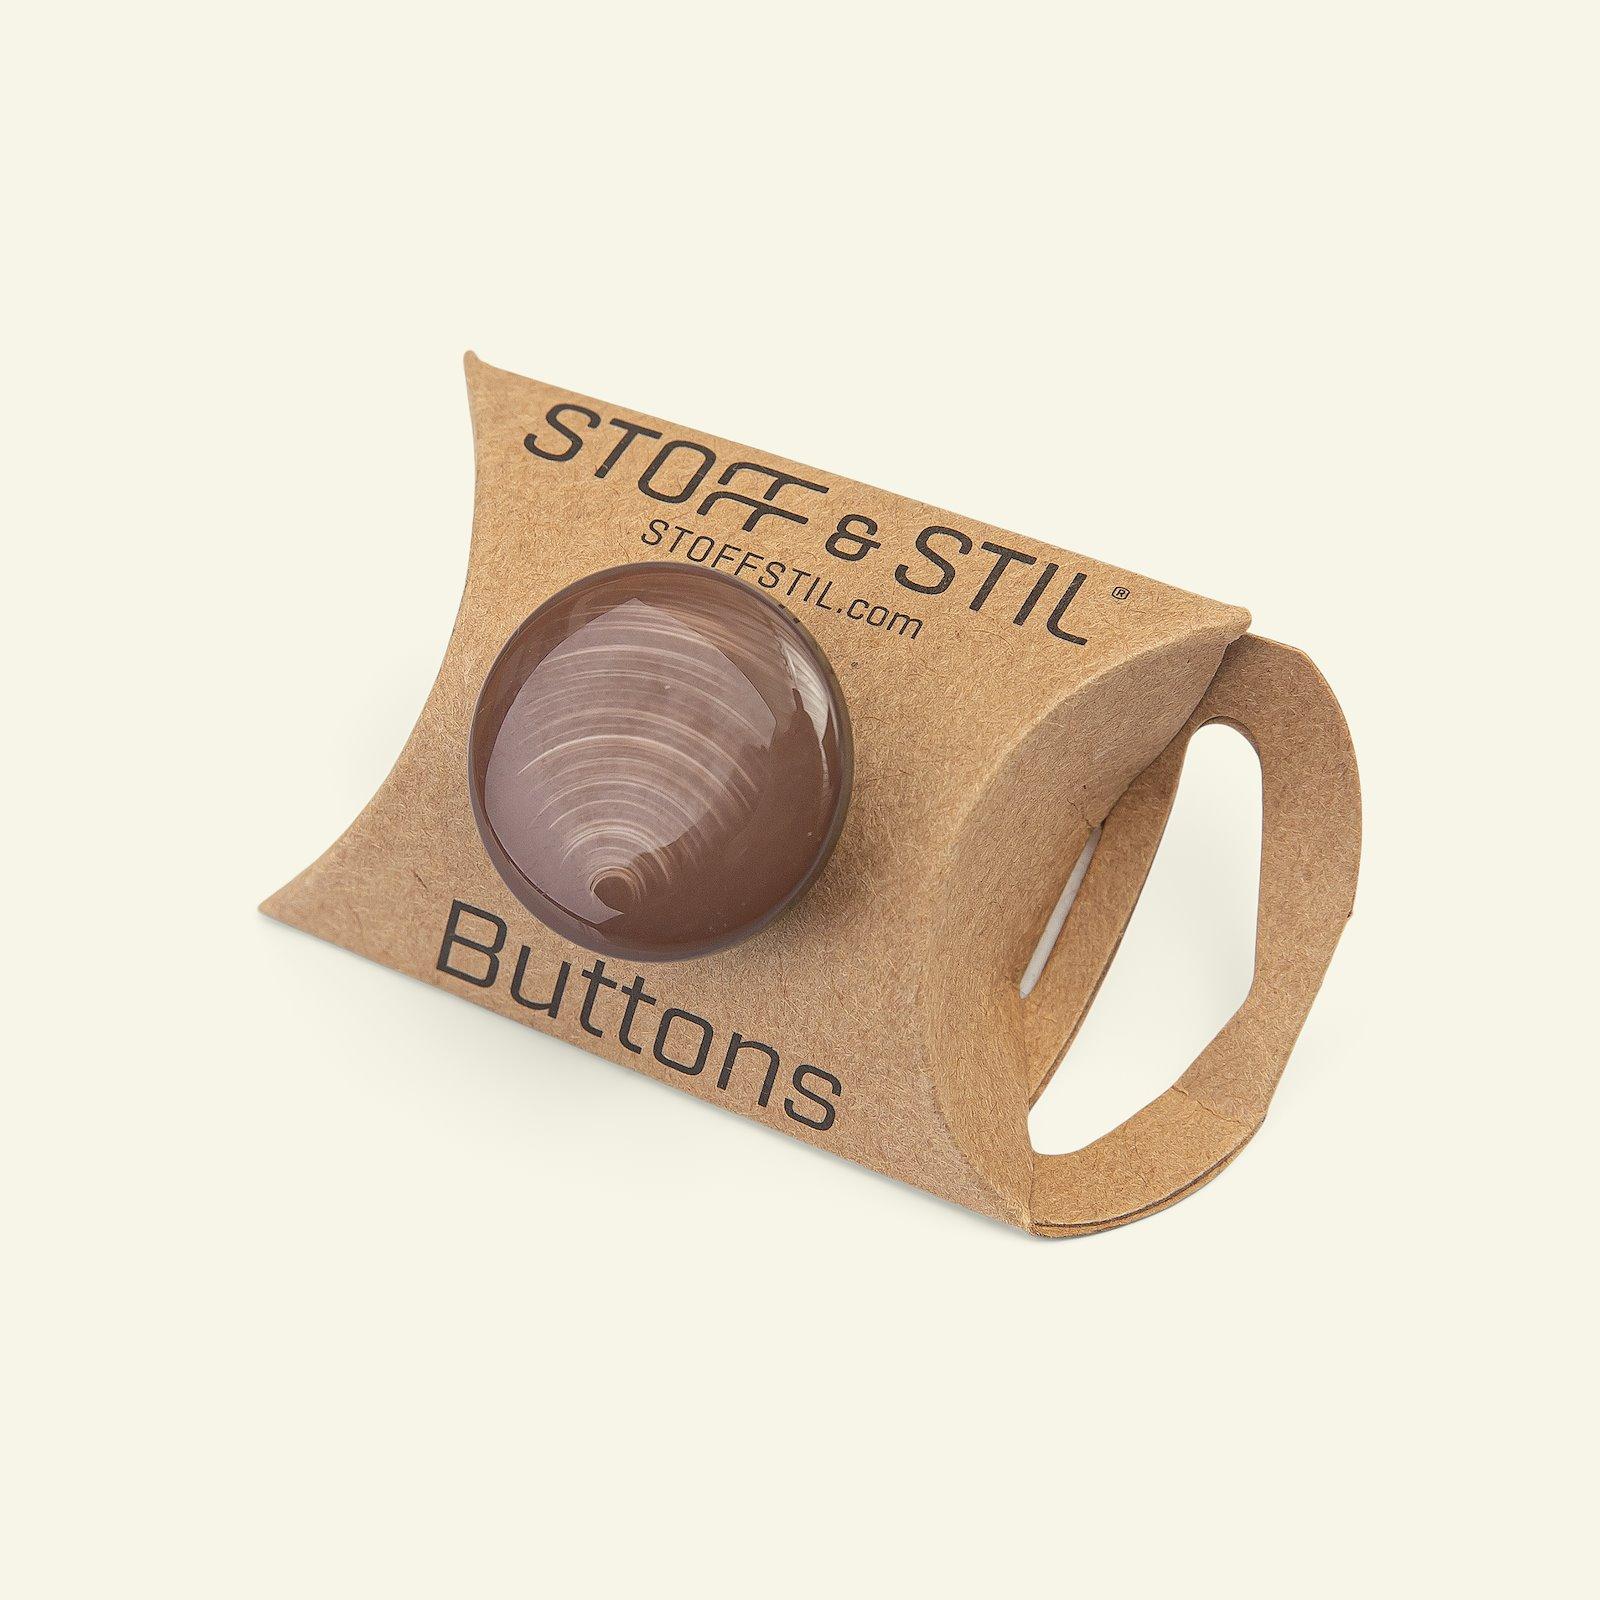 Shank button shiny 25mm brown 3pcs 33402_pack_b